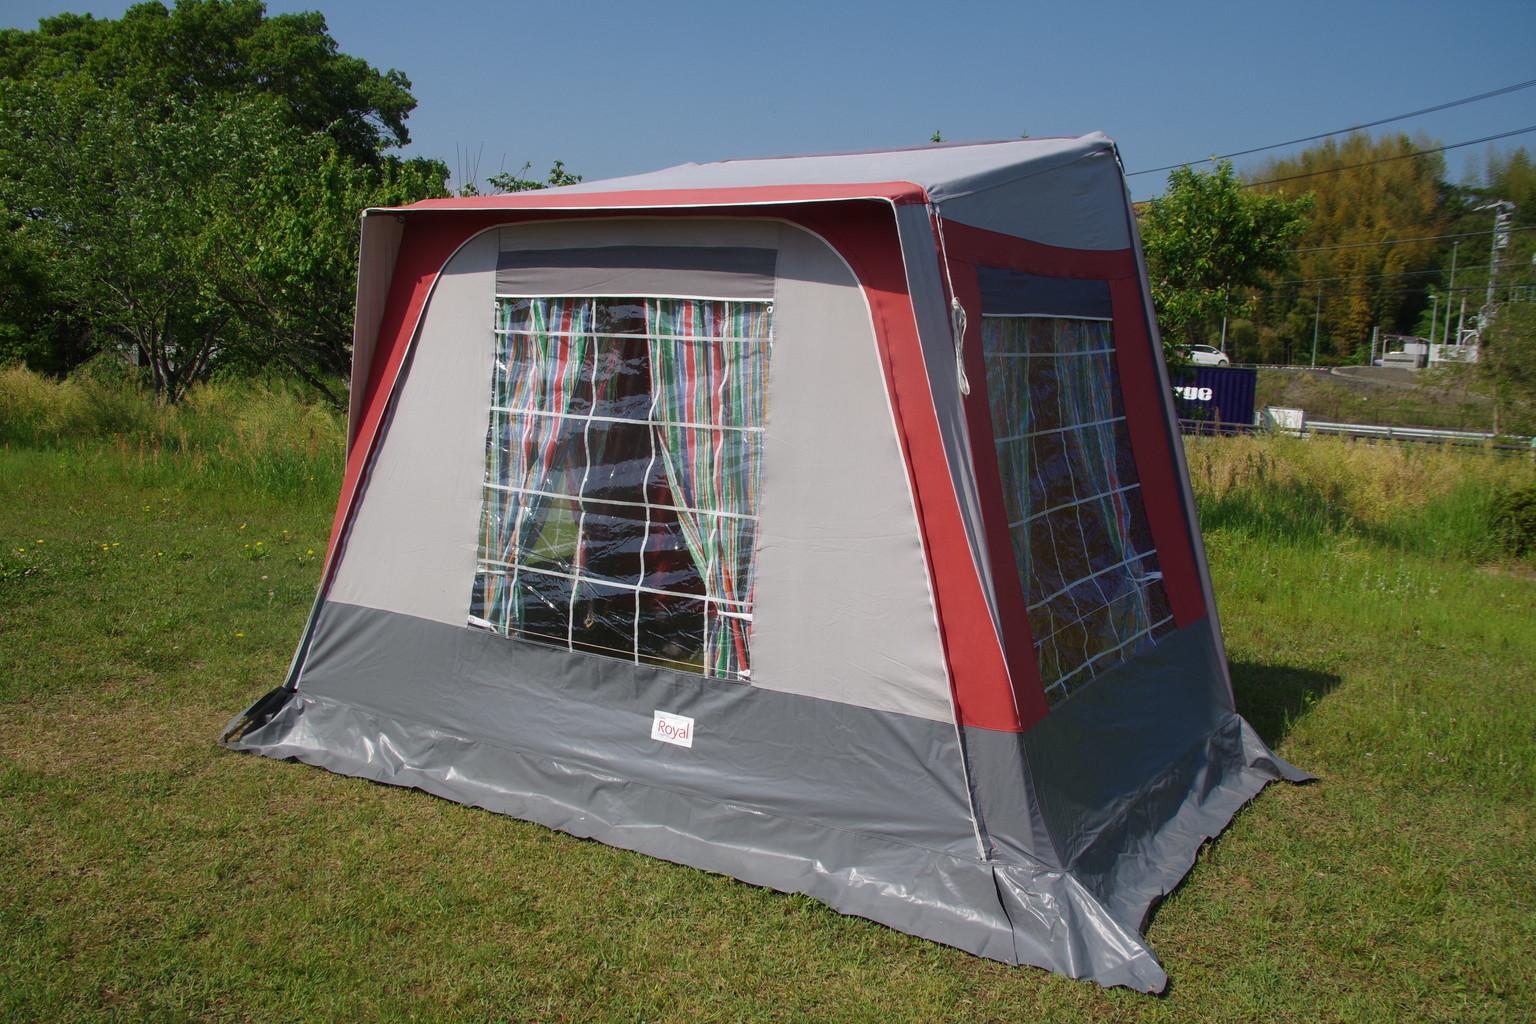 英国製 Royal Camp カーサイドテント サンテレスタイル 極上美品 00016